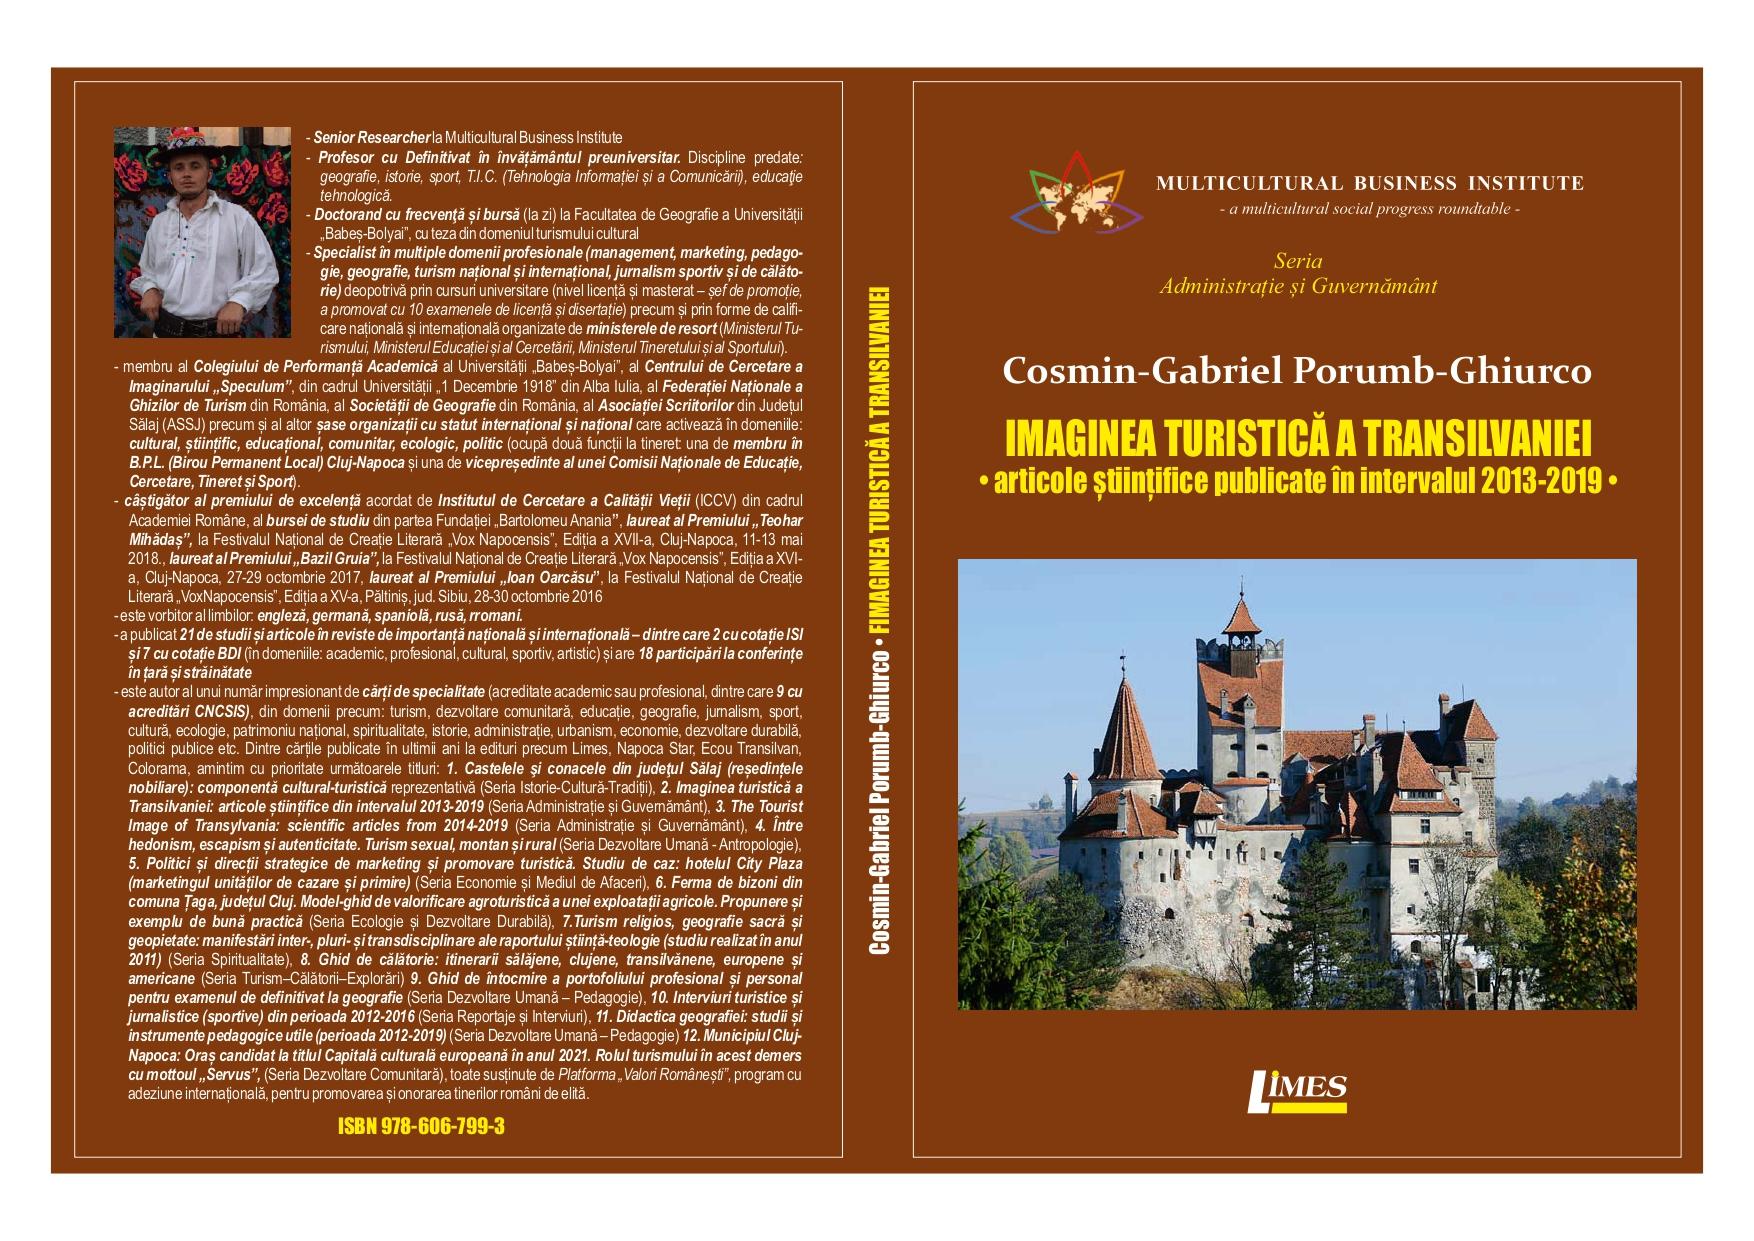 Imaginea turistică a Translivaniei - Cosmin Ghiurco